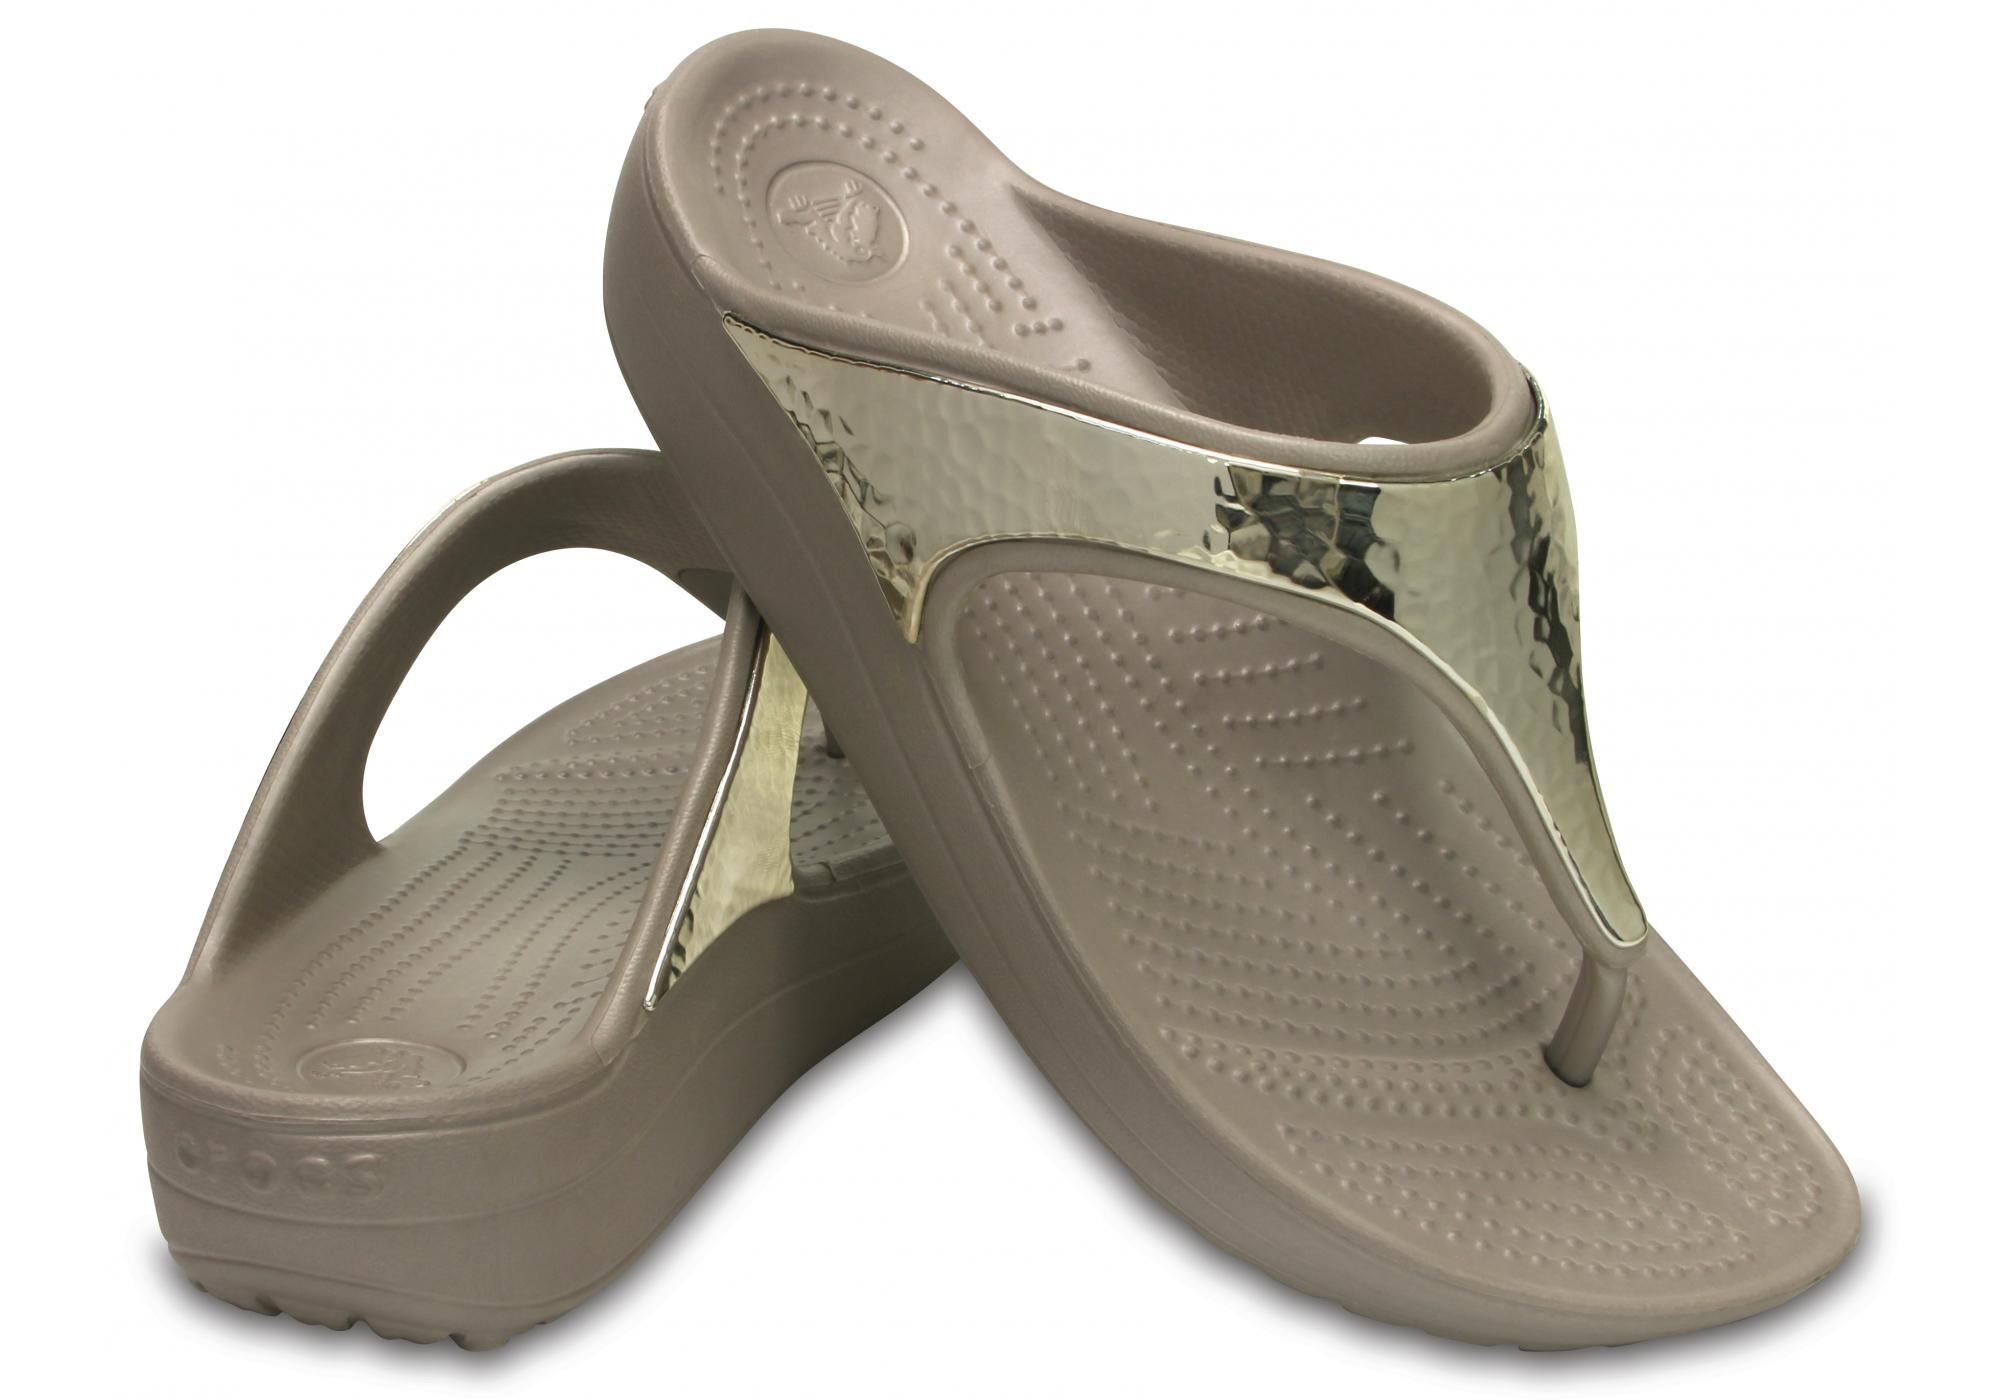 9166913a366 dámské žabky Crocs Crocs Sloane Embellished Flip